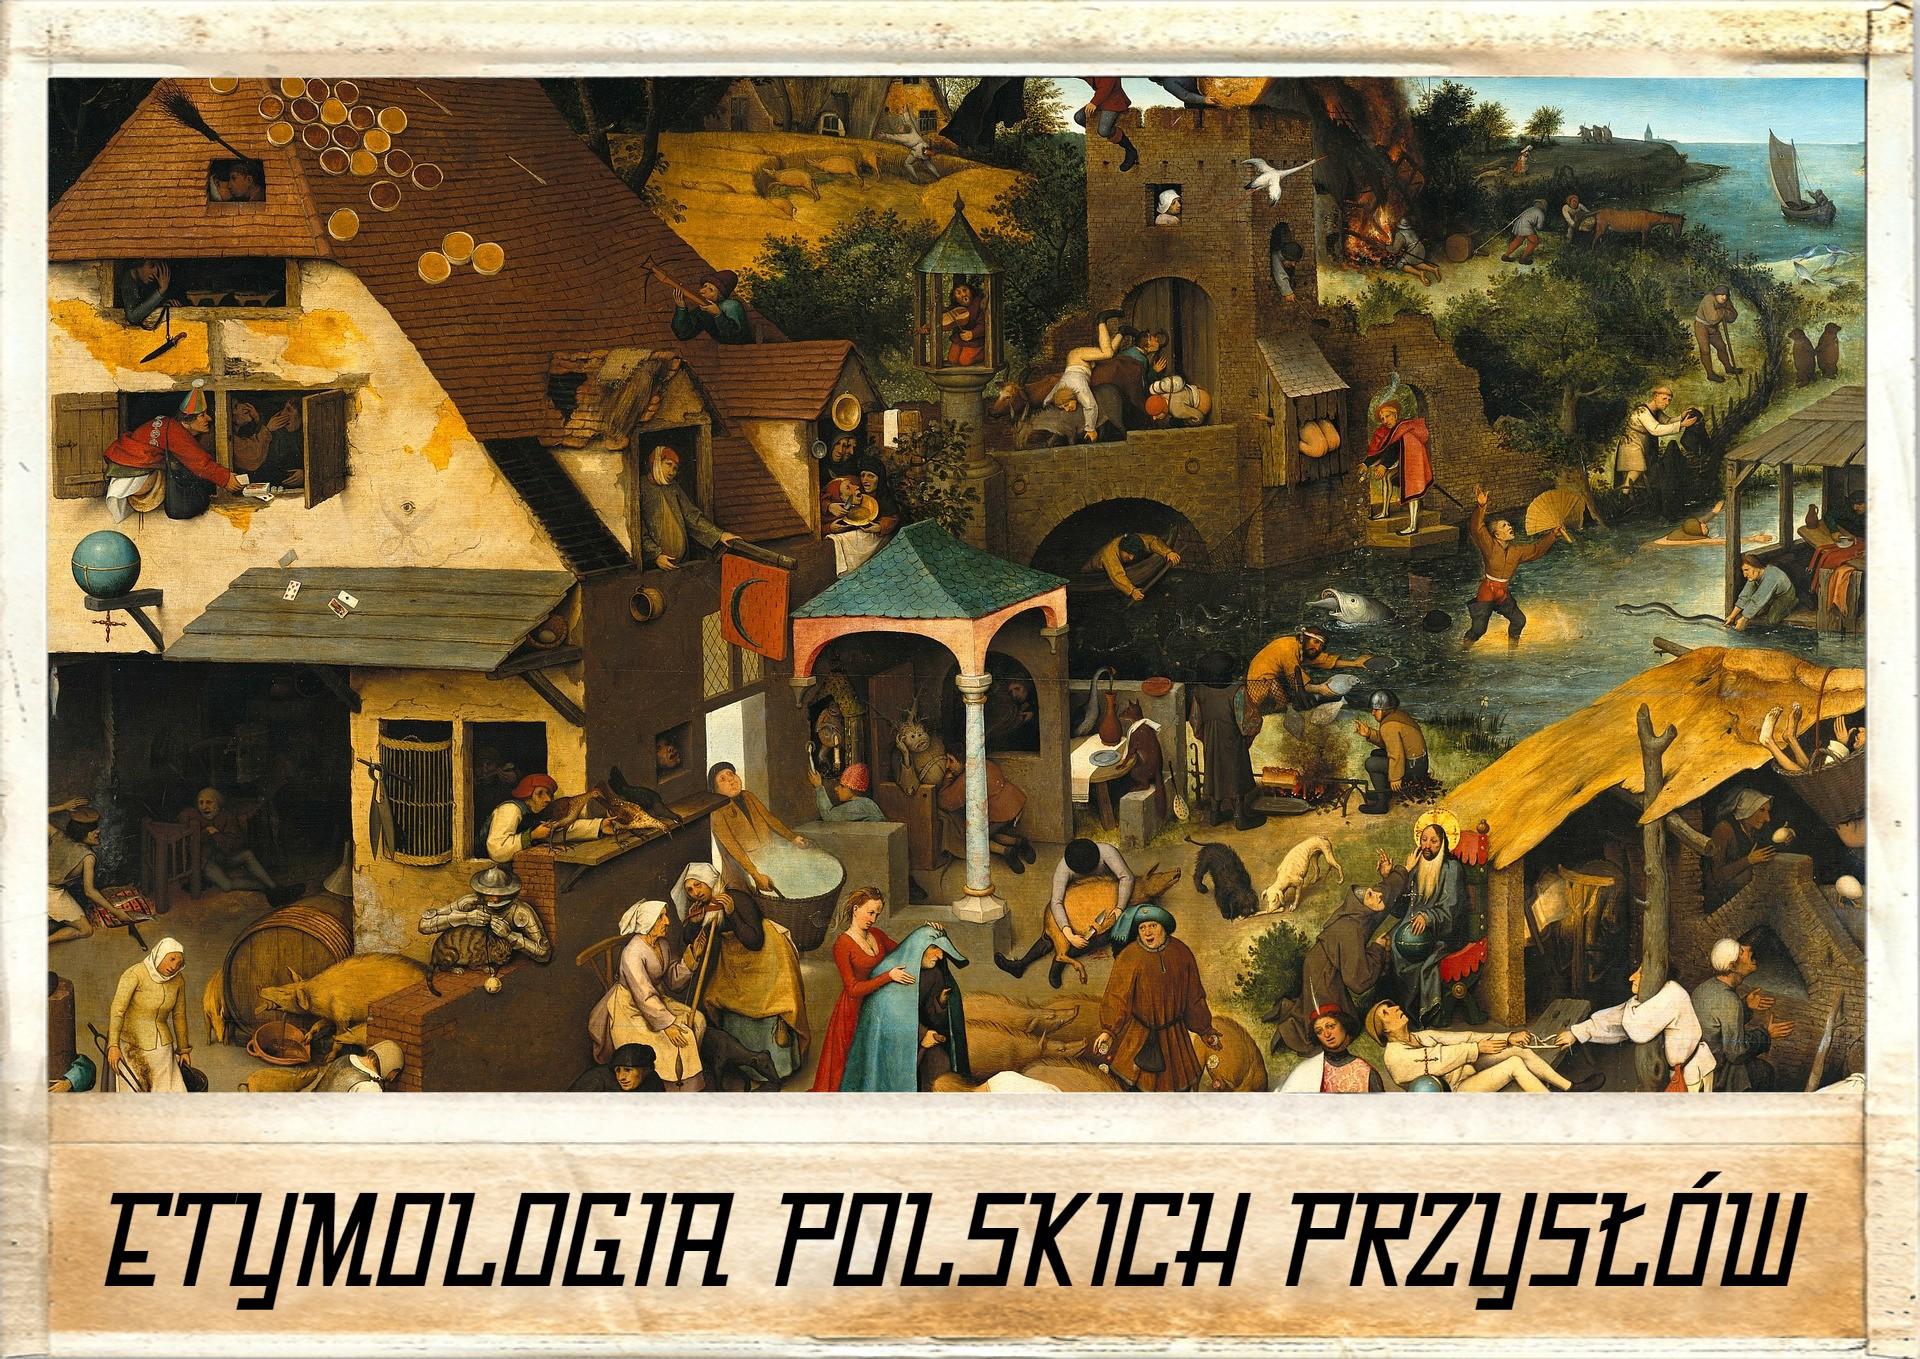 ETYMOLOGIA POLSKICH PRZYSŁÓW